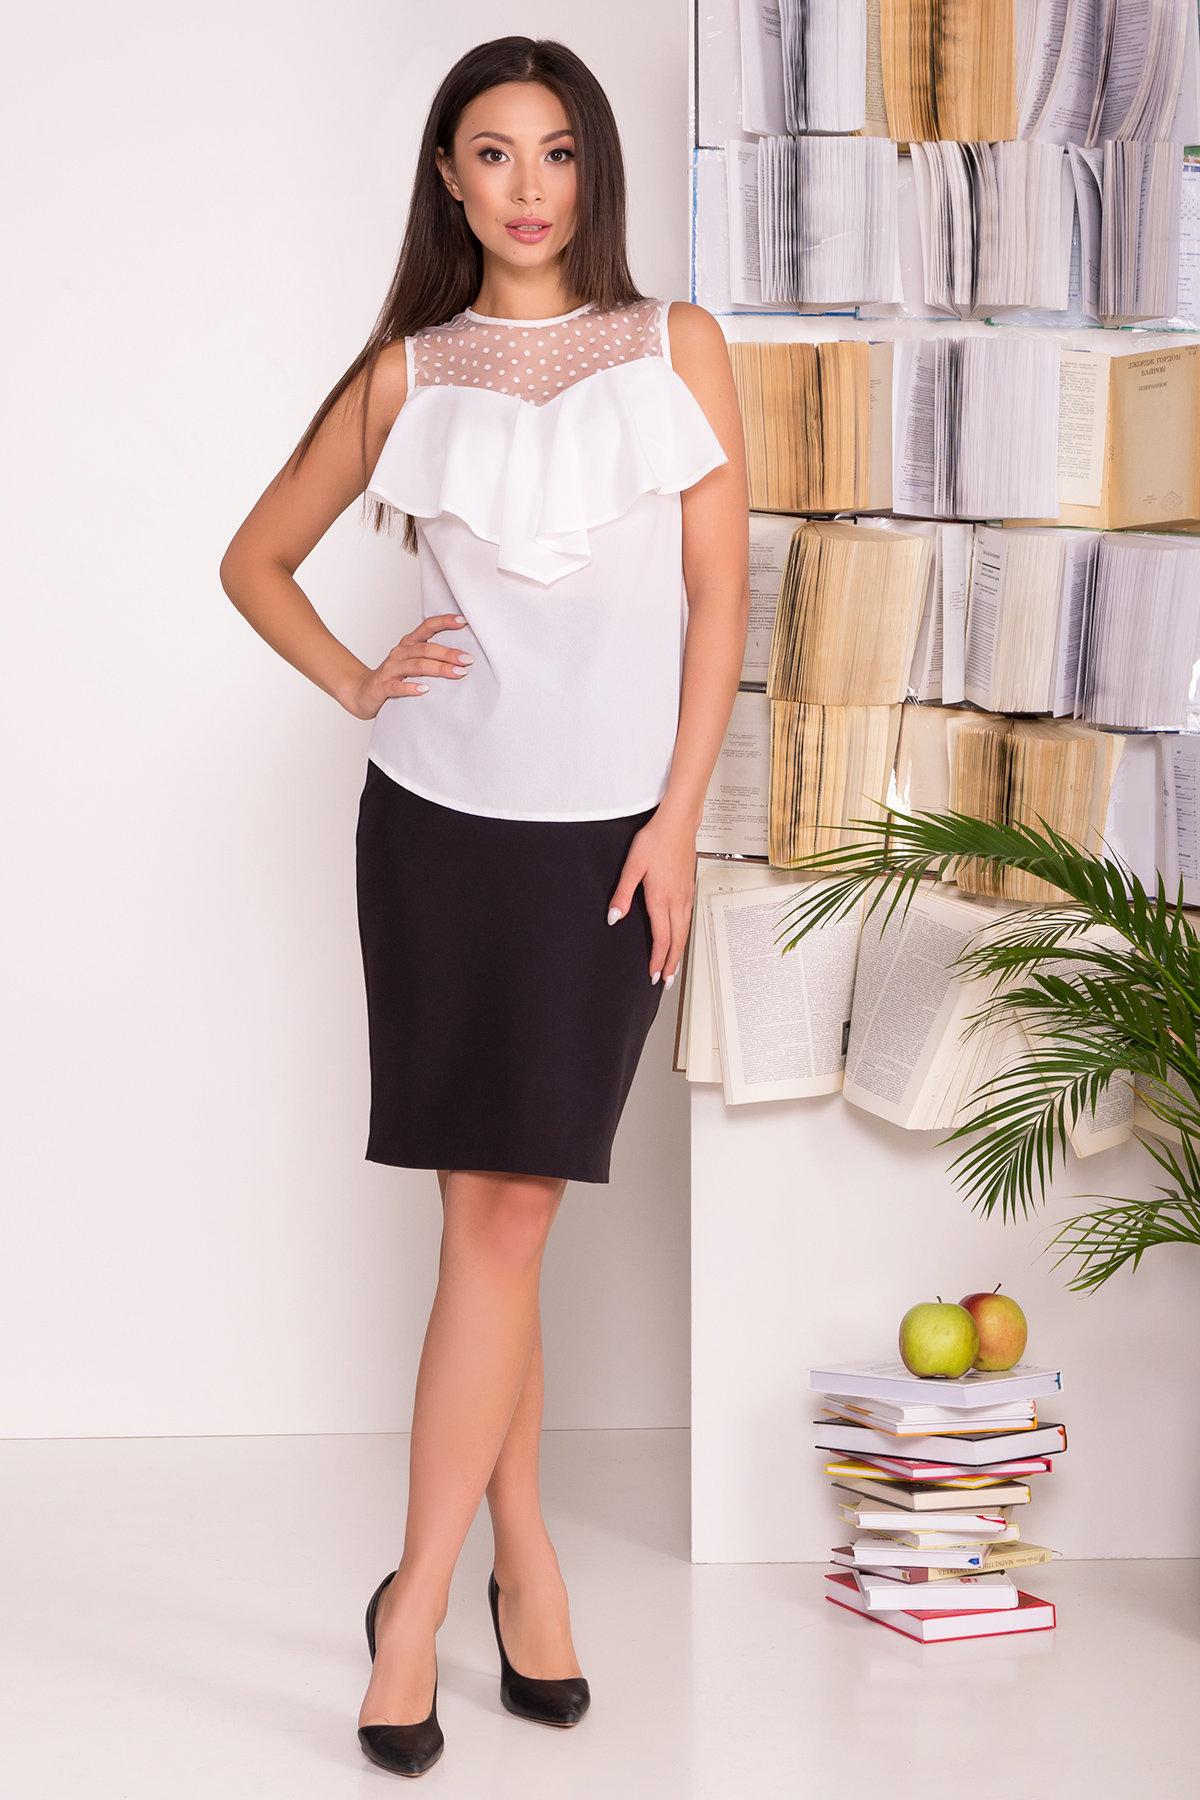 Блузка с оборками на груди Талина 7368 АРТ. 43573 Цвет: Белый - фото 5, интернет магазин tm-modus.ru